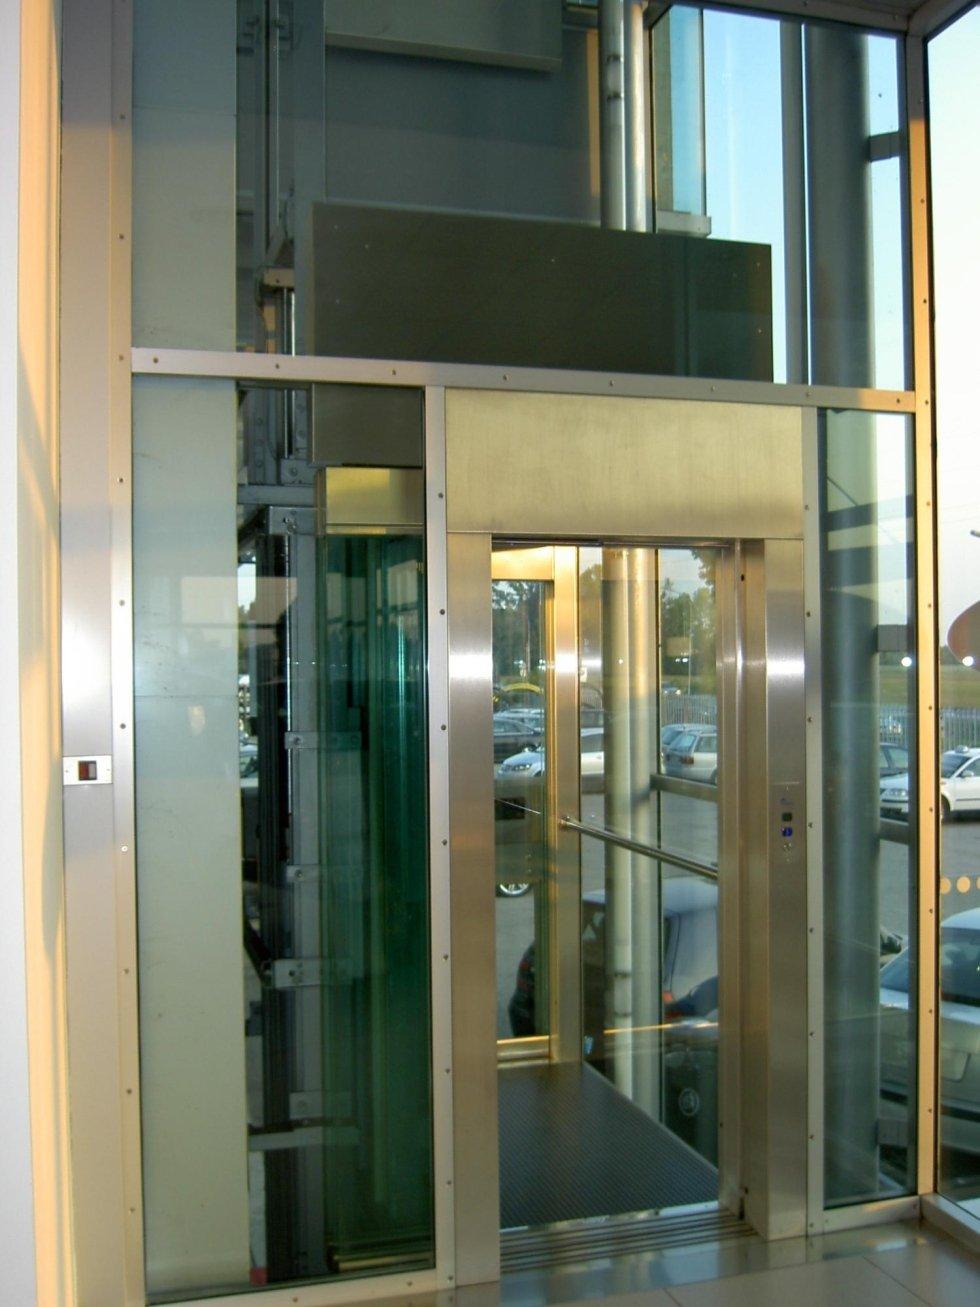 ascensori panoramici esterni, vista laterale